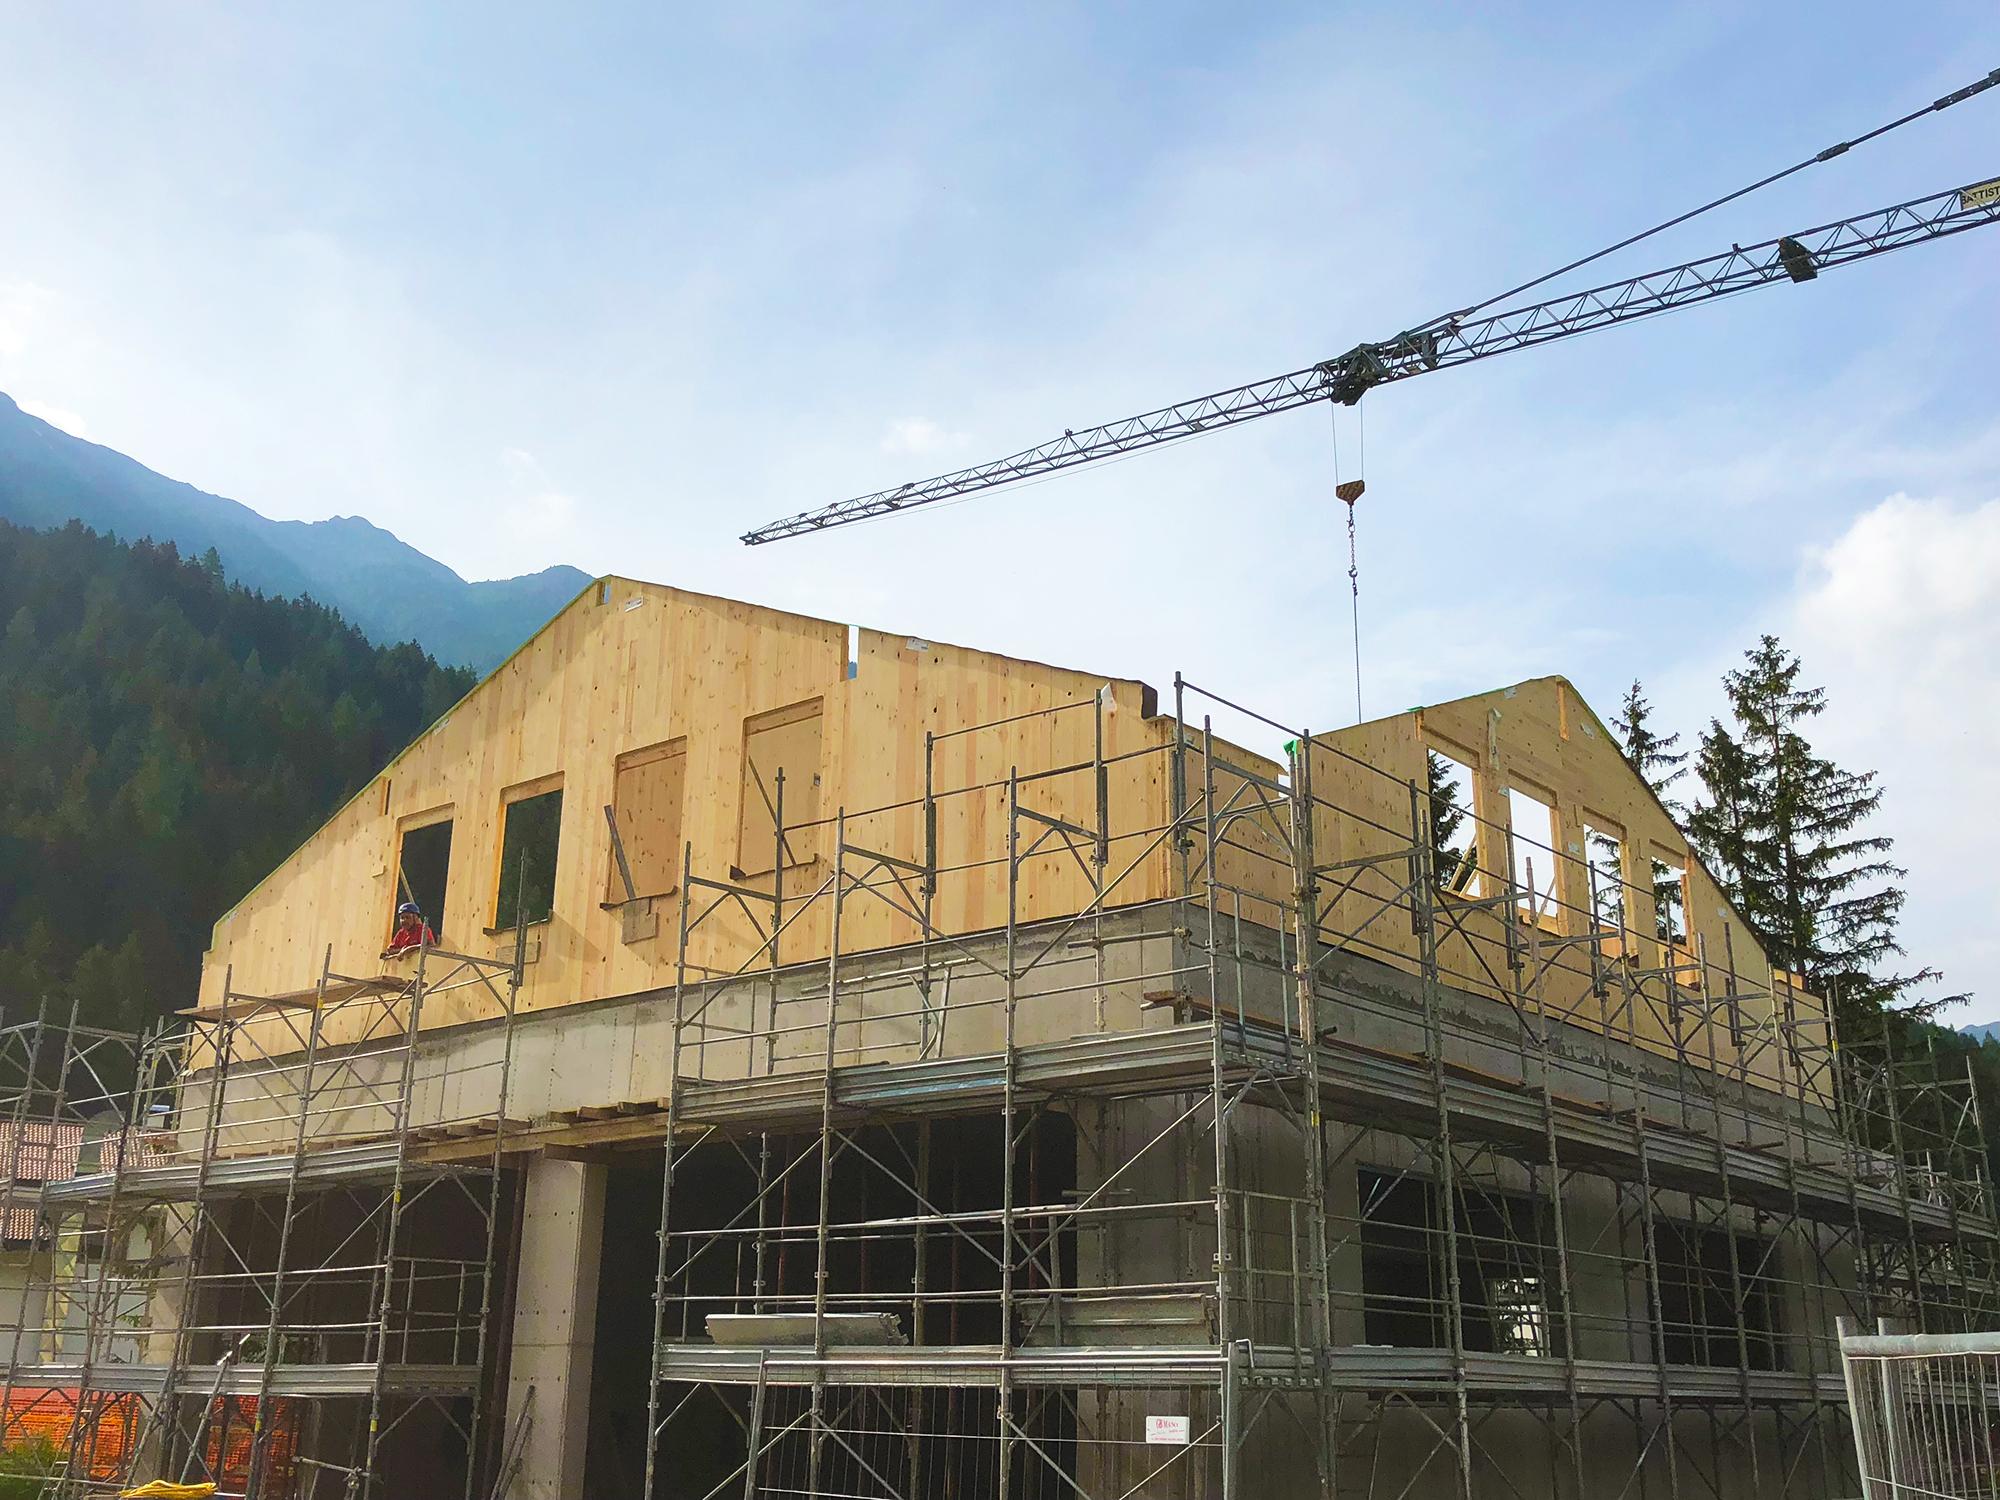 casa pollam I 5 vantaggi di una sopraelevazione in legno case in legno italia val di fiemme 2